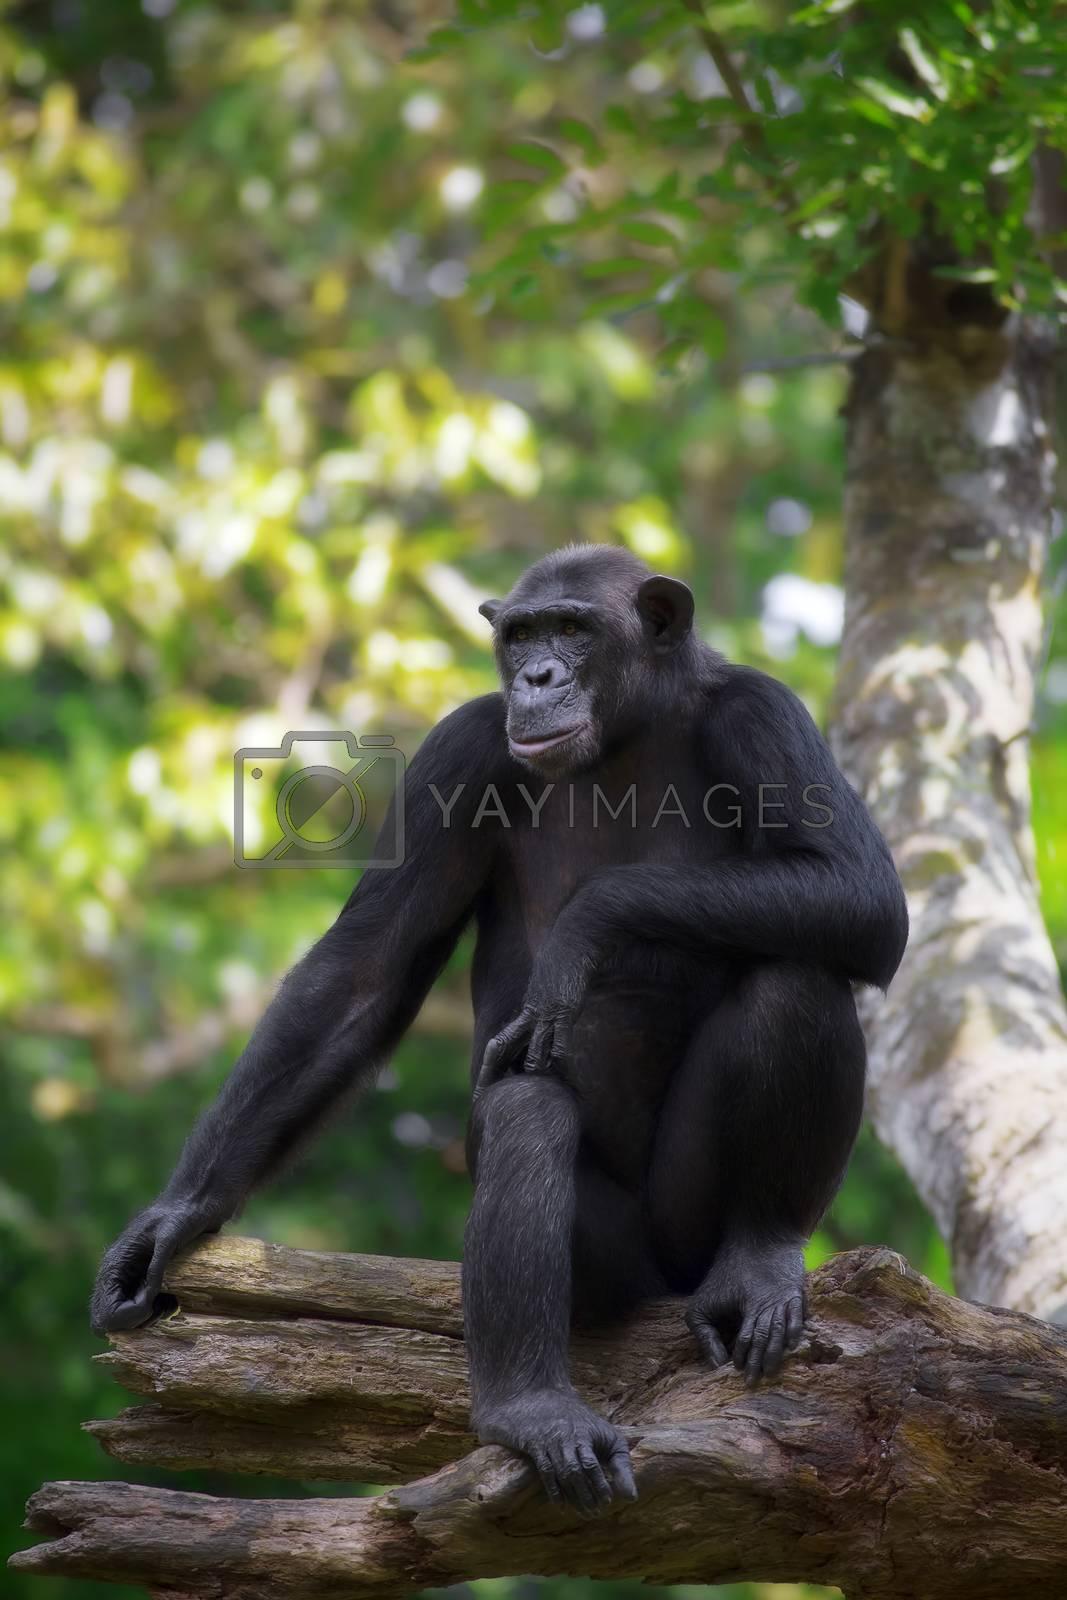 Portrait of a Common Chimpanzee in the wild